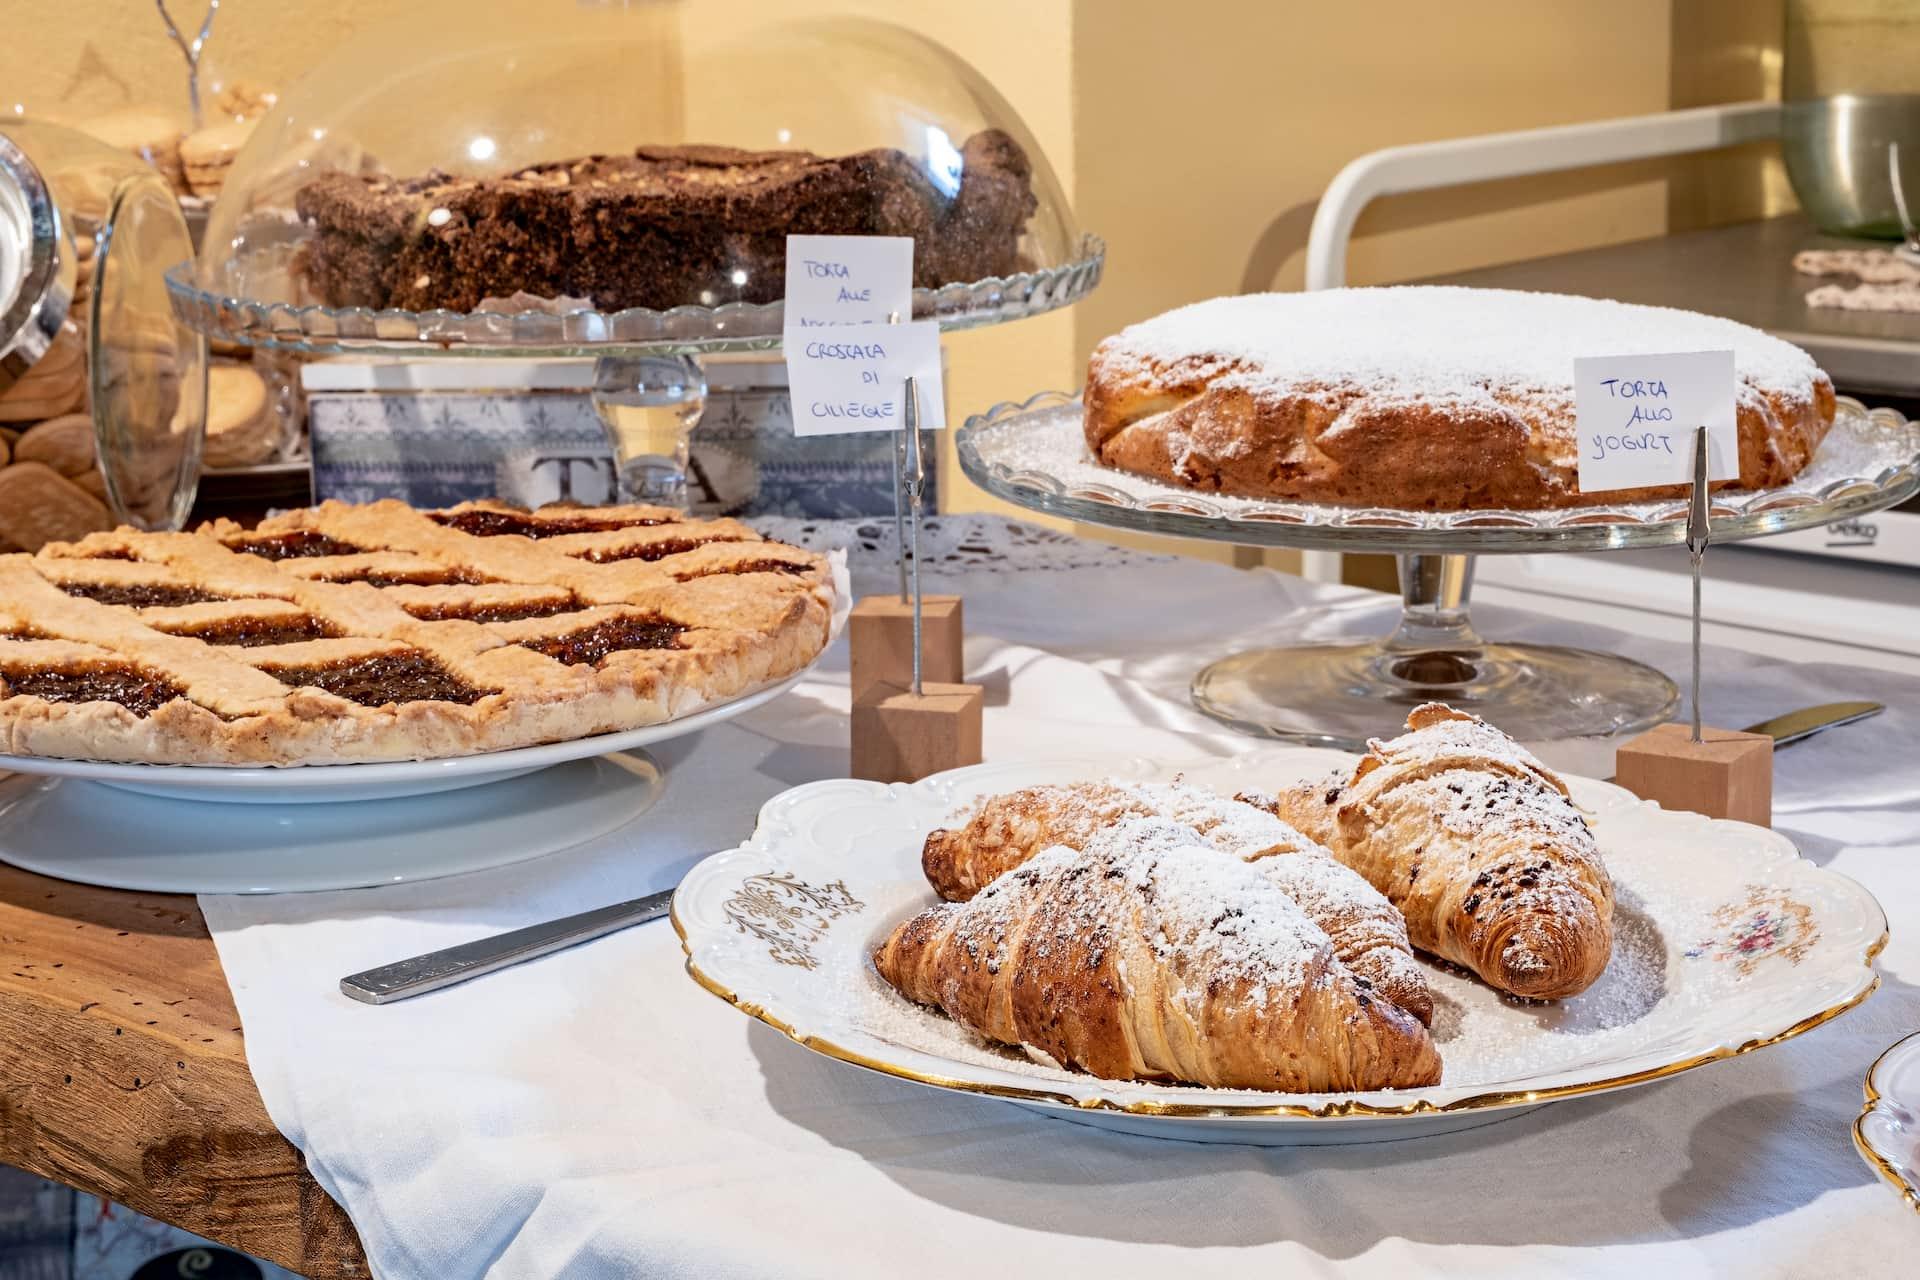 Villa-Cute-Nicia-colazione-brioches-torte